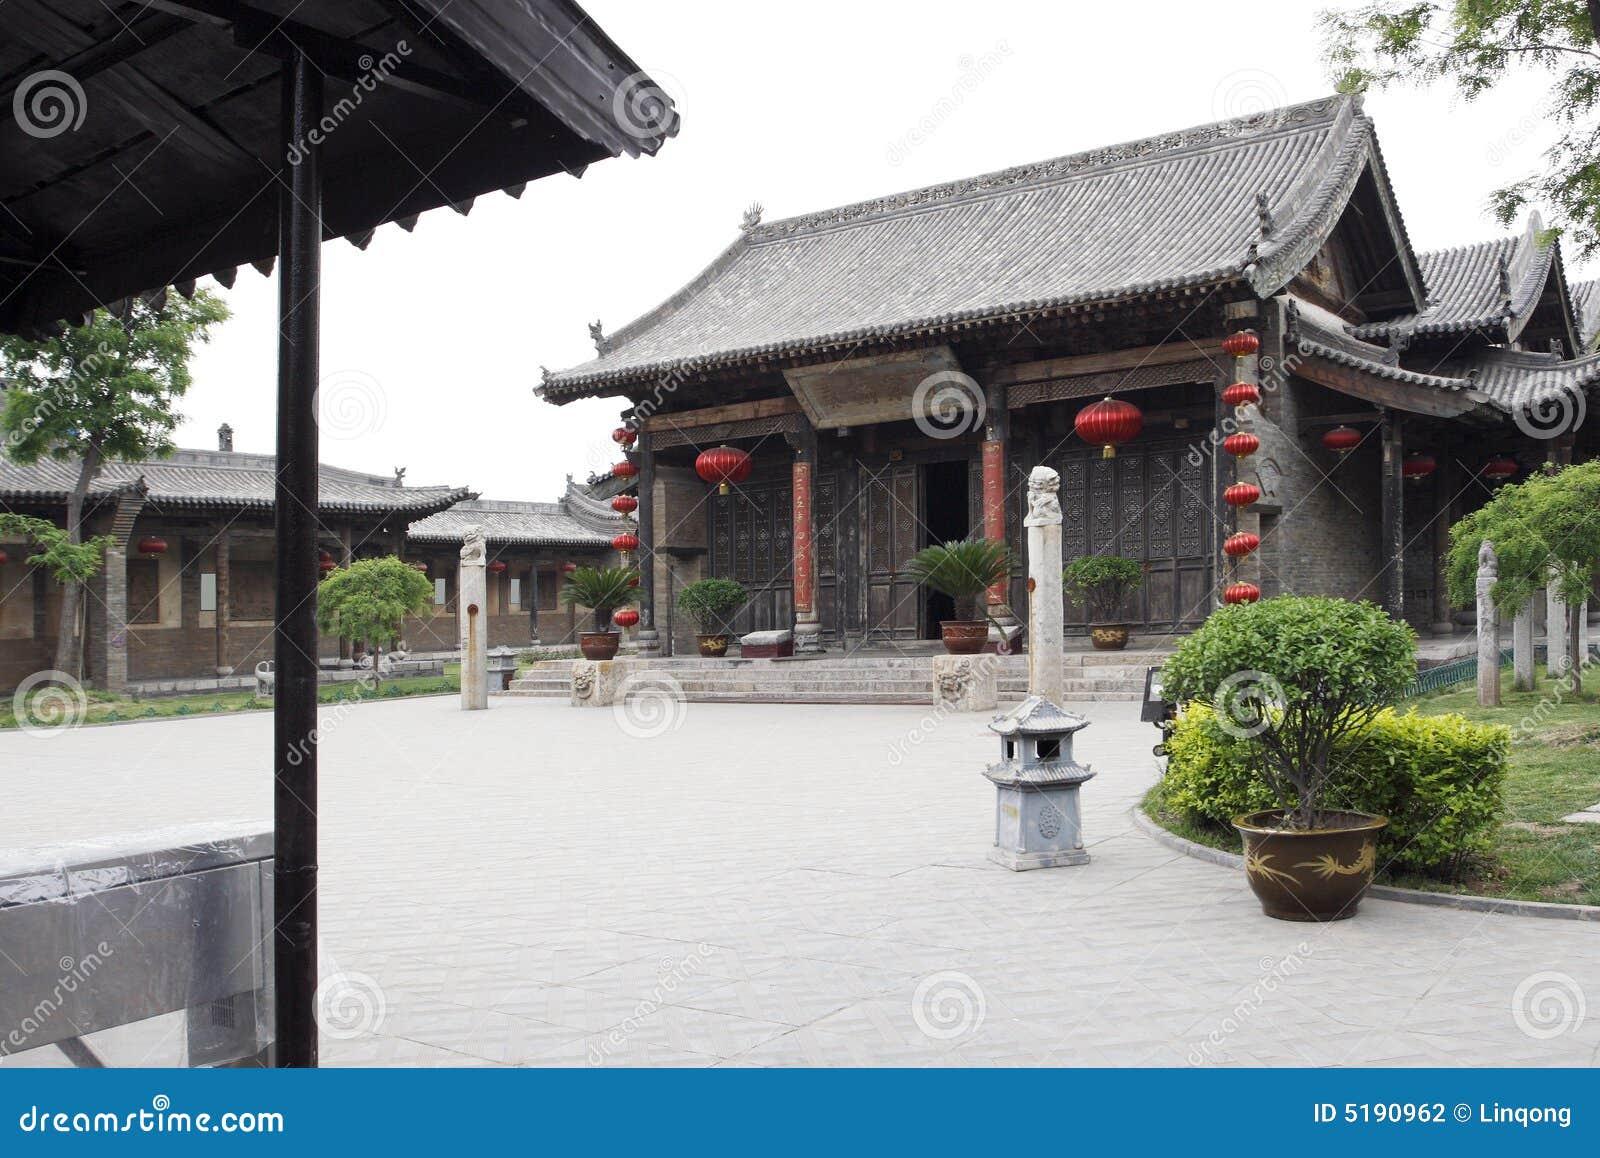 Grande maison de la chine photo stock image du commer ant 5190962 - Maison de la chine boutique ...